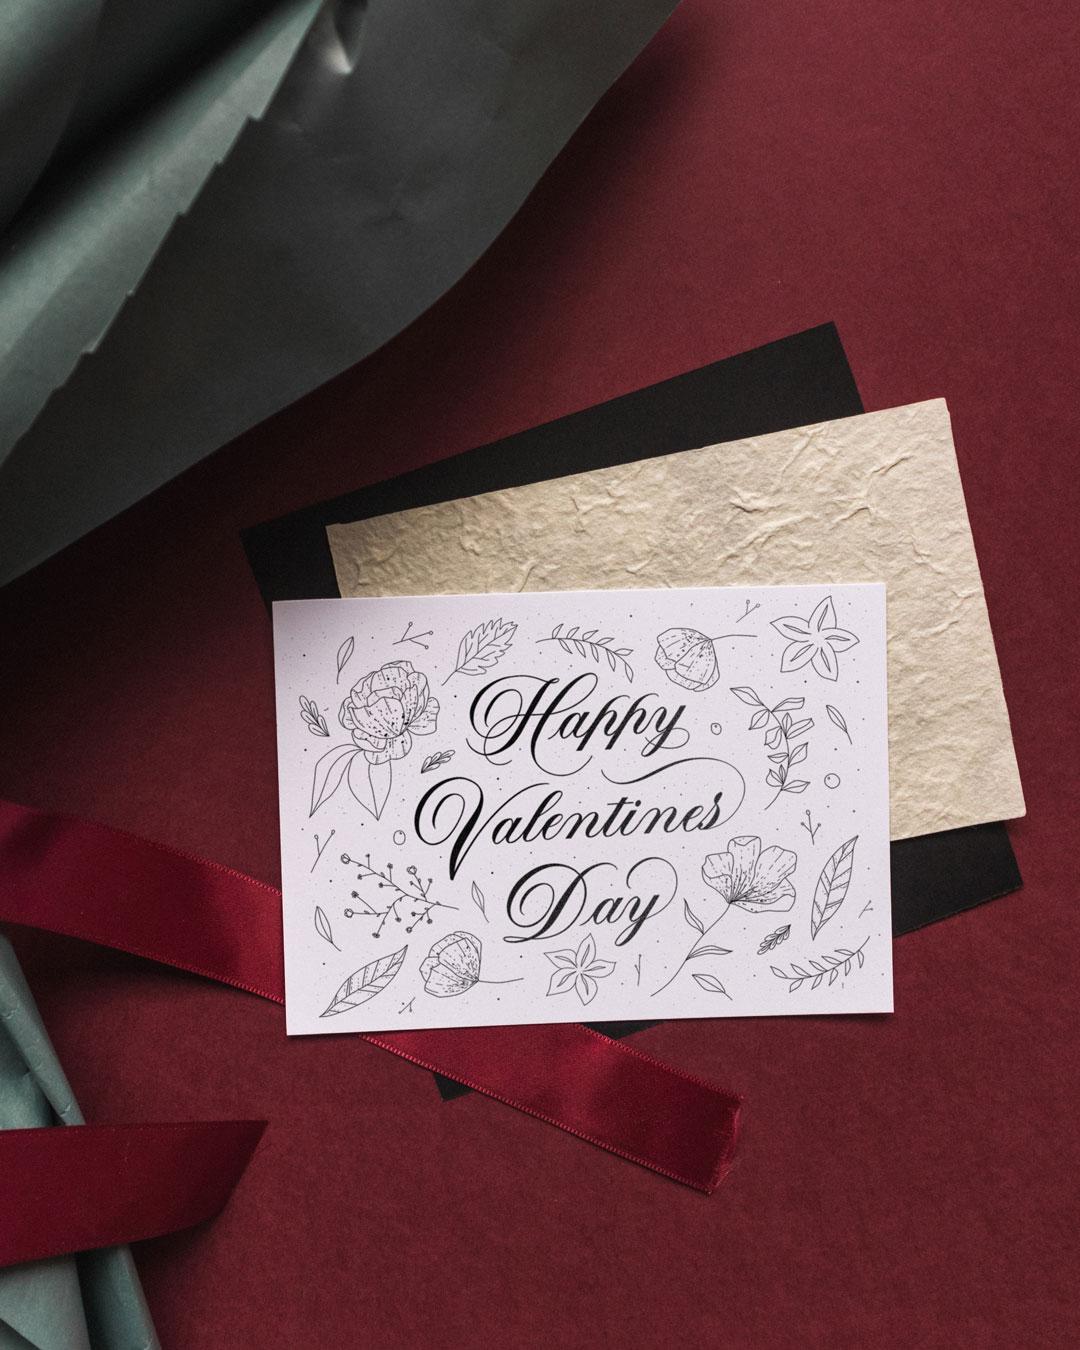 Happy Valentine's Day Floral Illustration Card Design - Leah Design.jpg